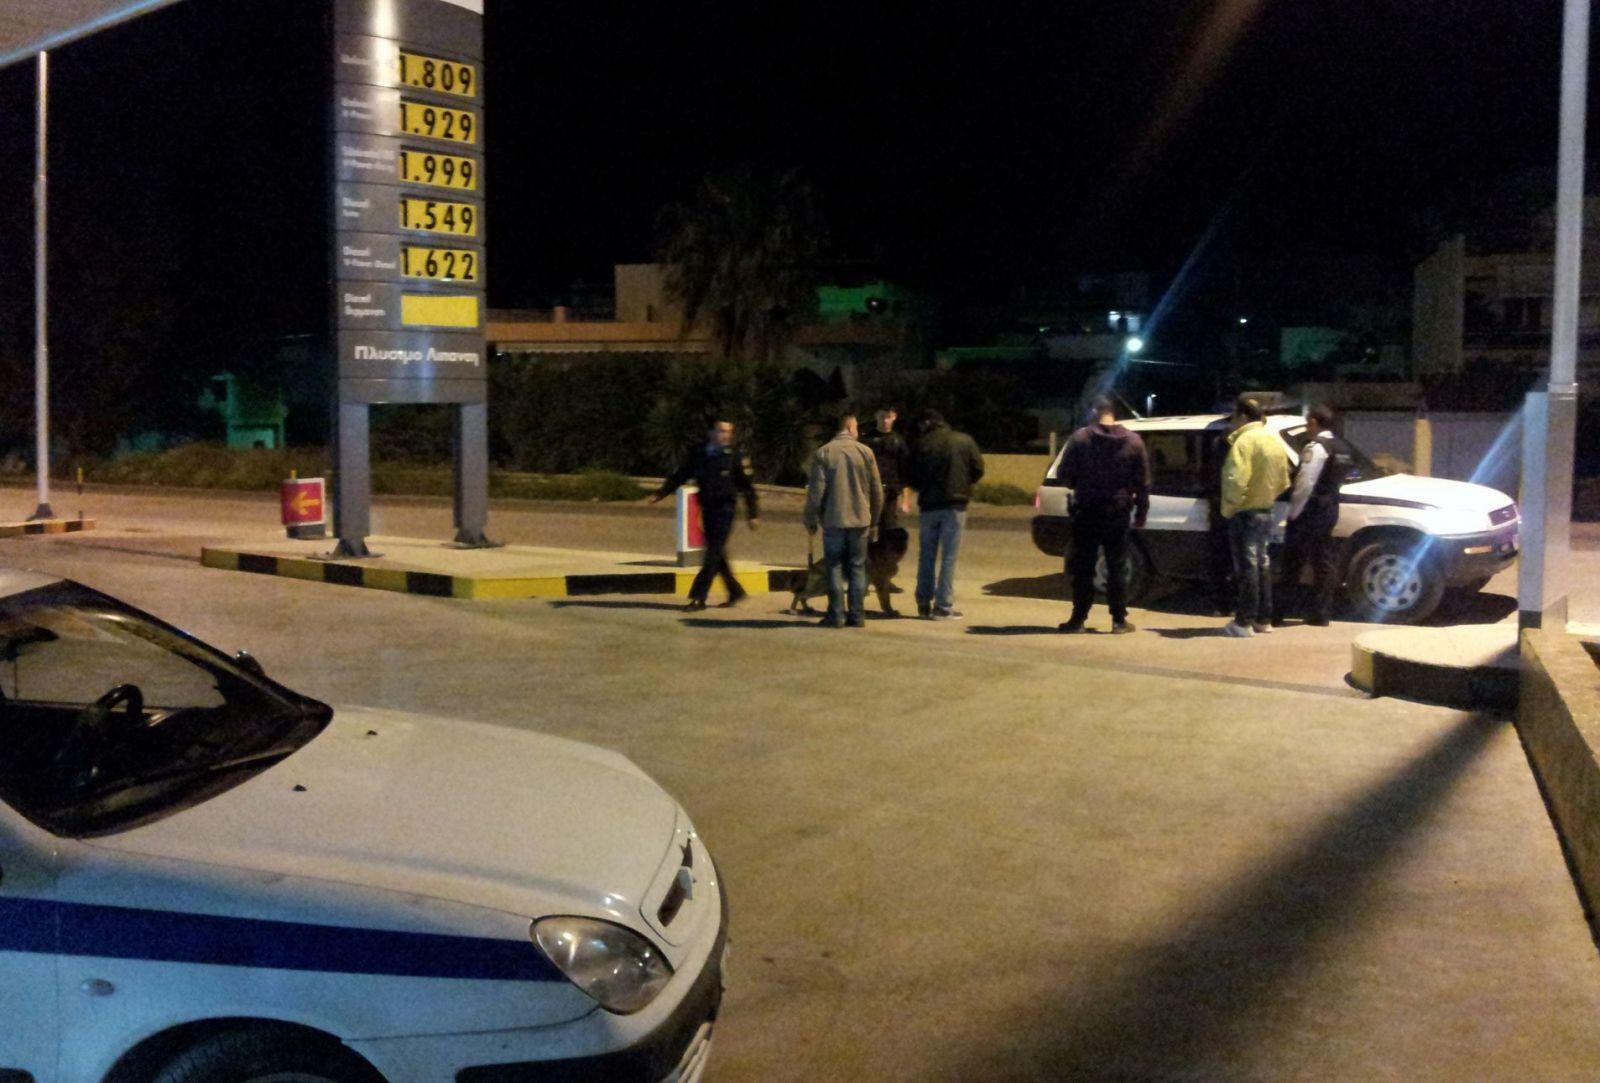 Πάτρα: Ληστεία σε βενζινάδικο από γυναίκα κουκουλοφόρο